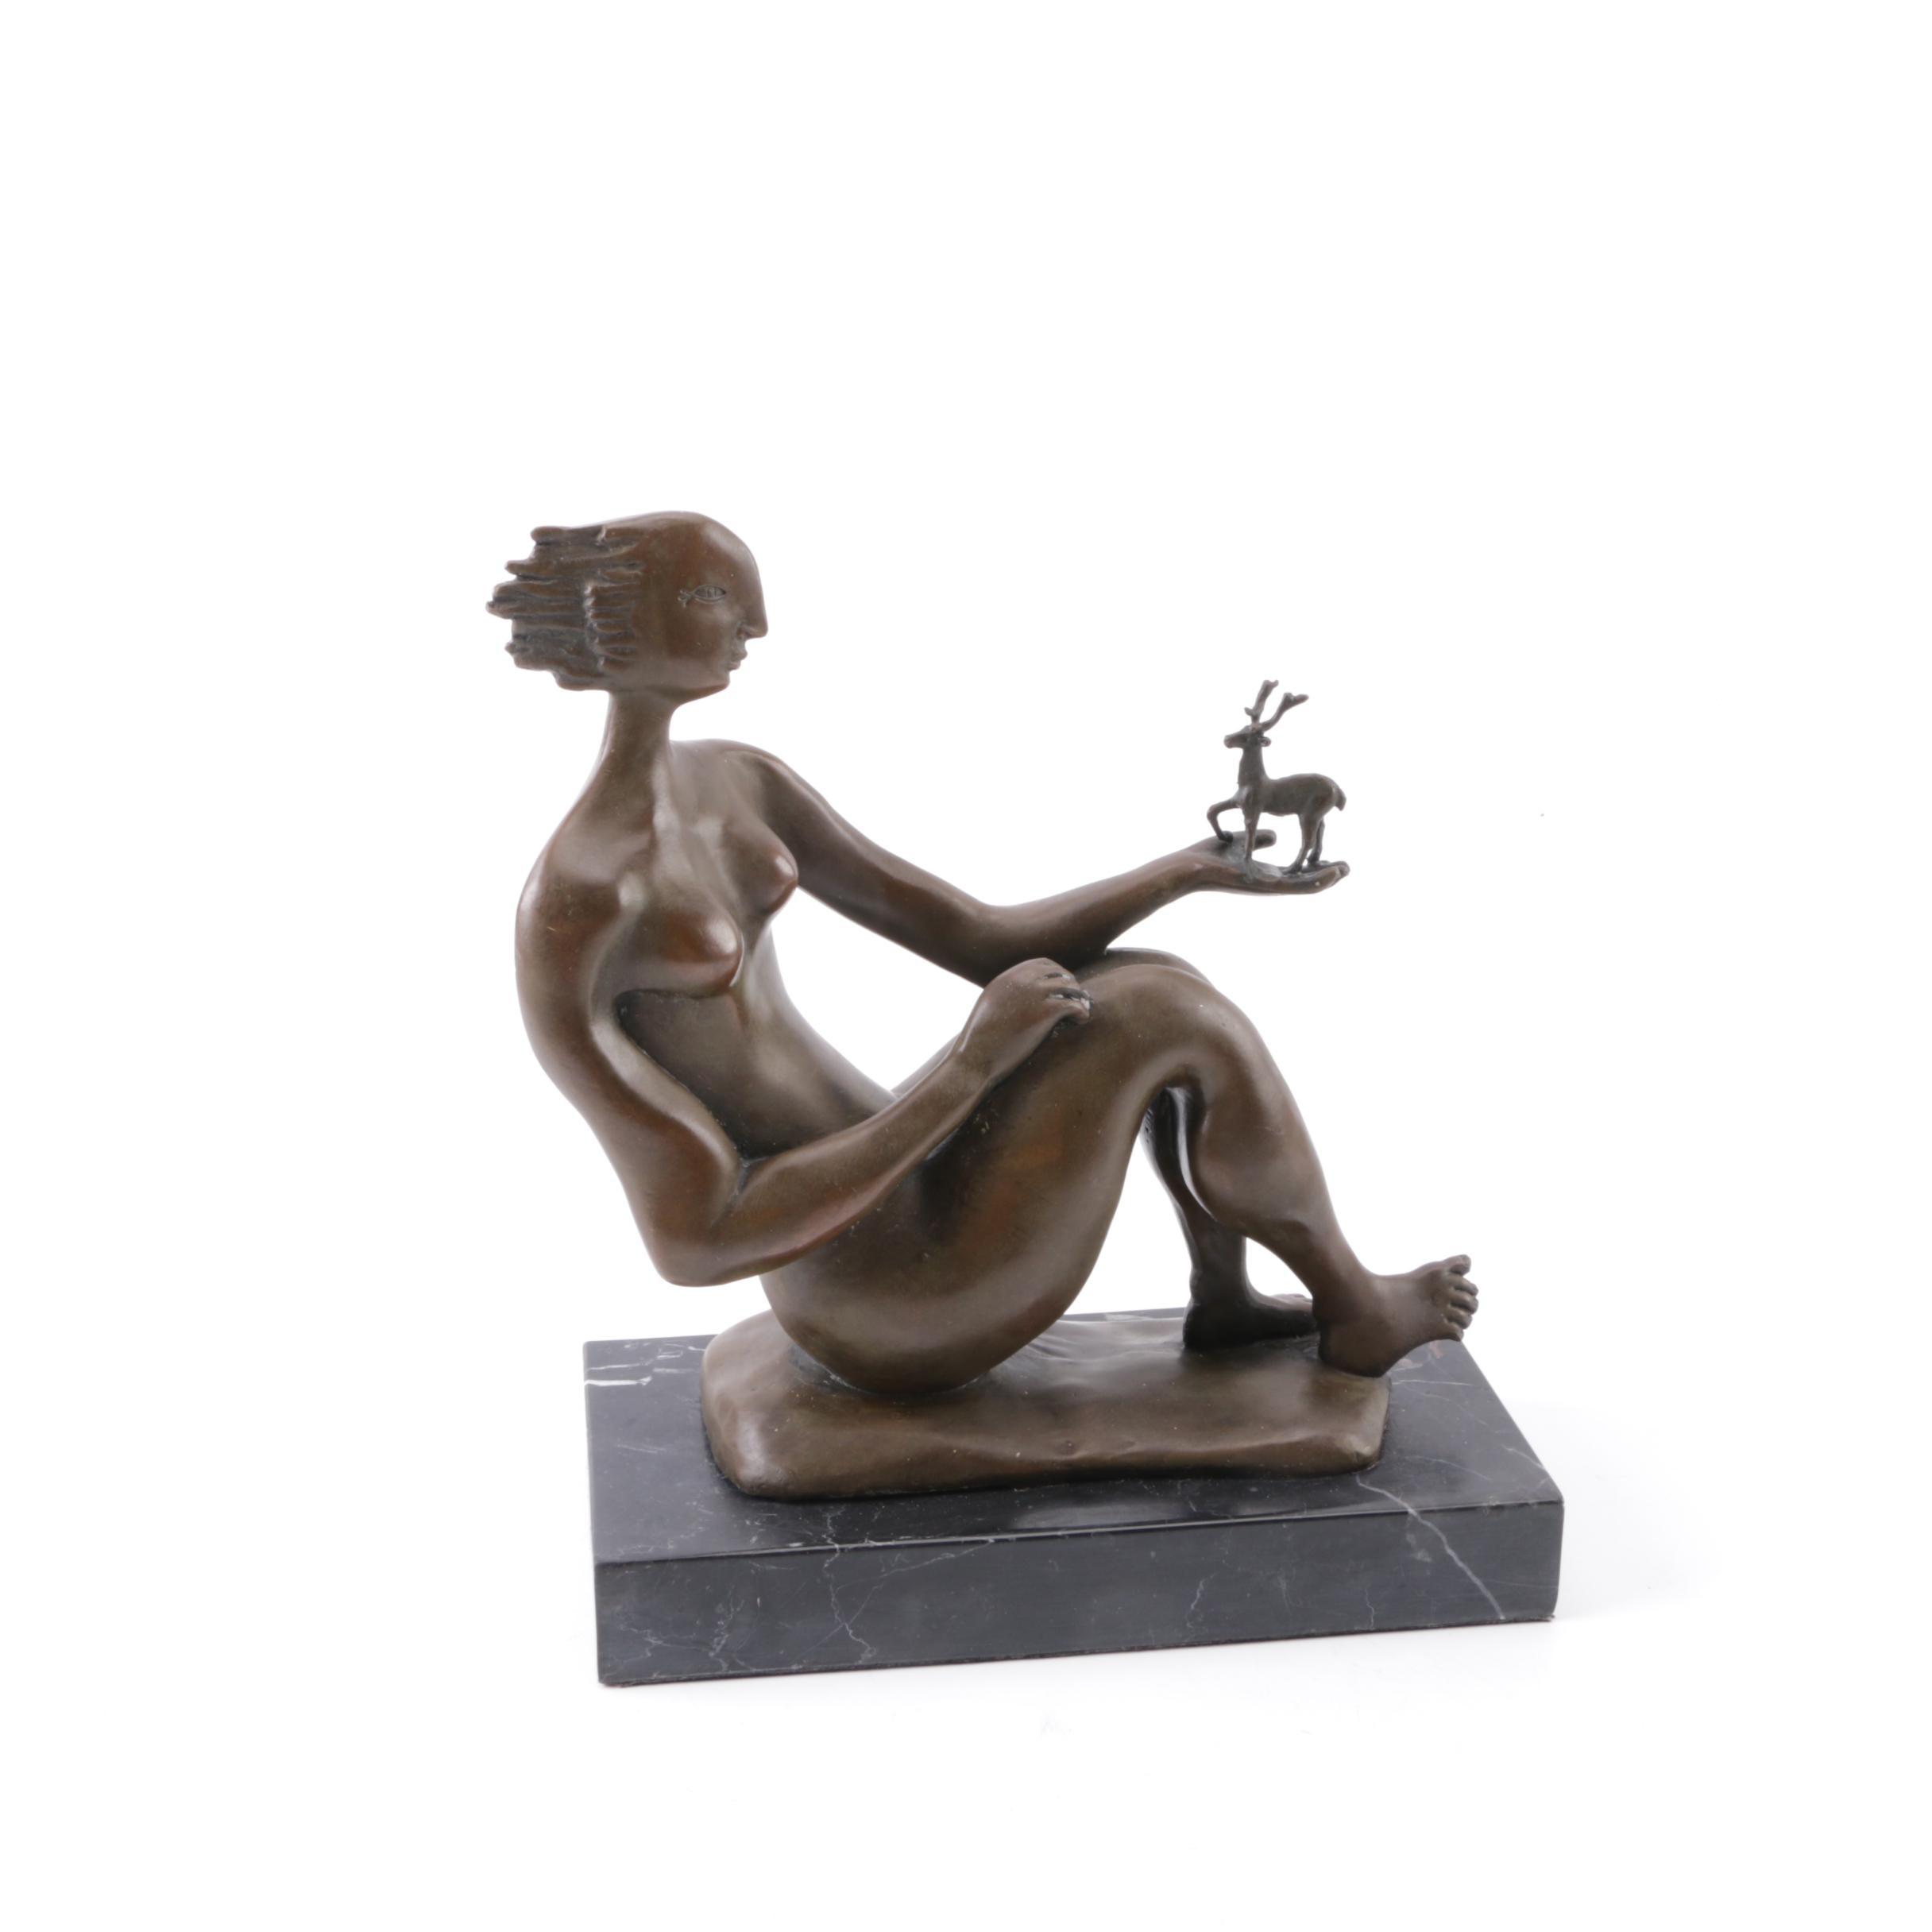 Bronze Sculpture of a Woman Holding a Deer